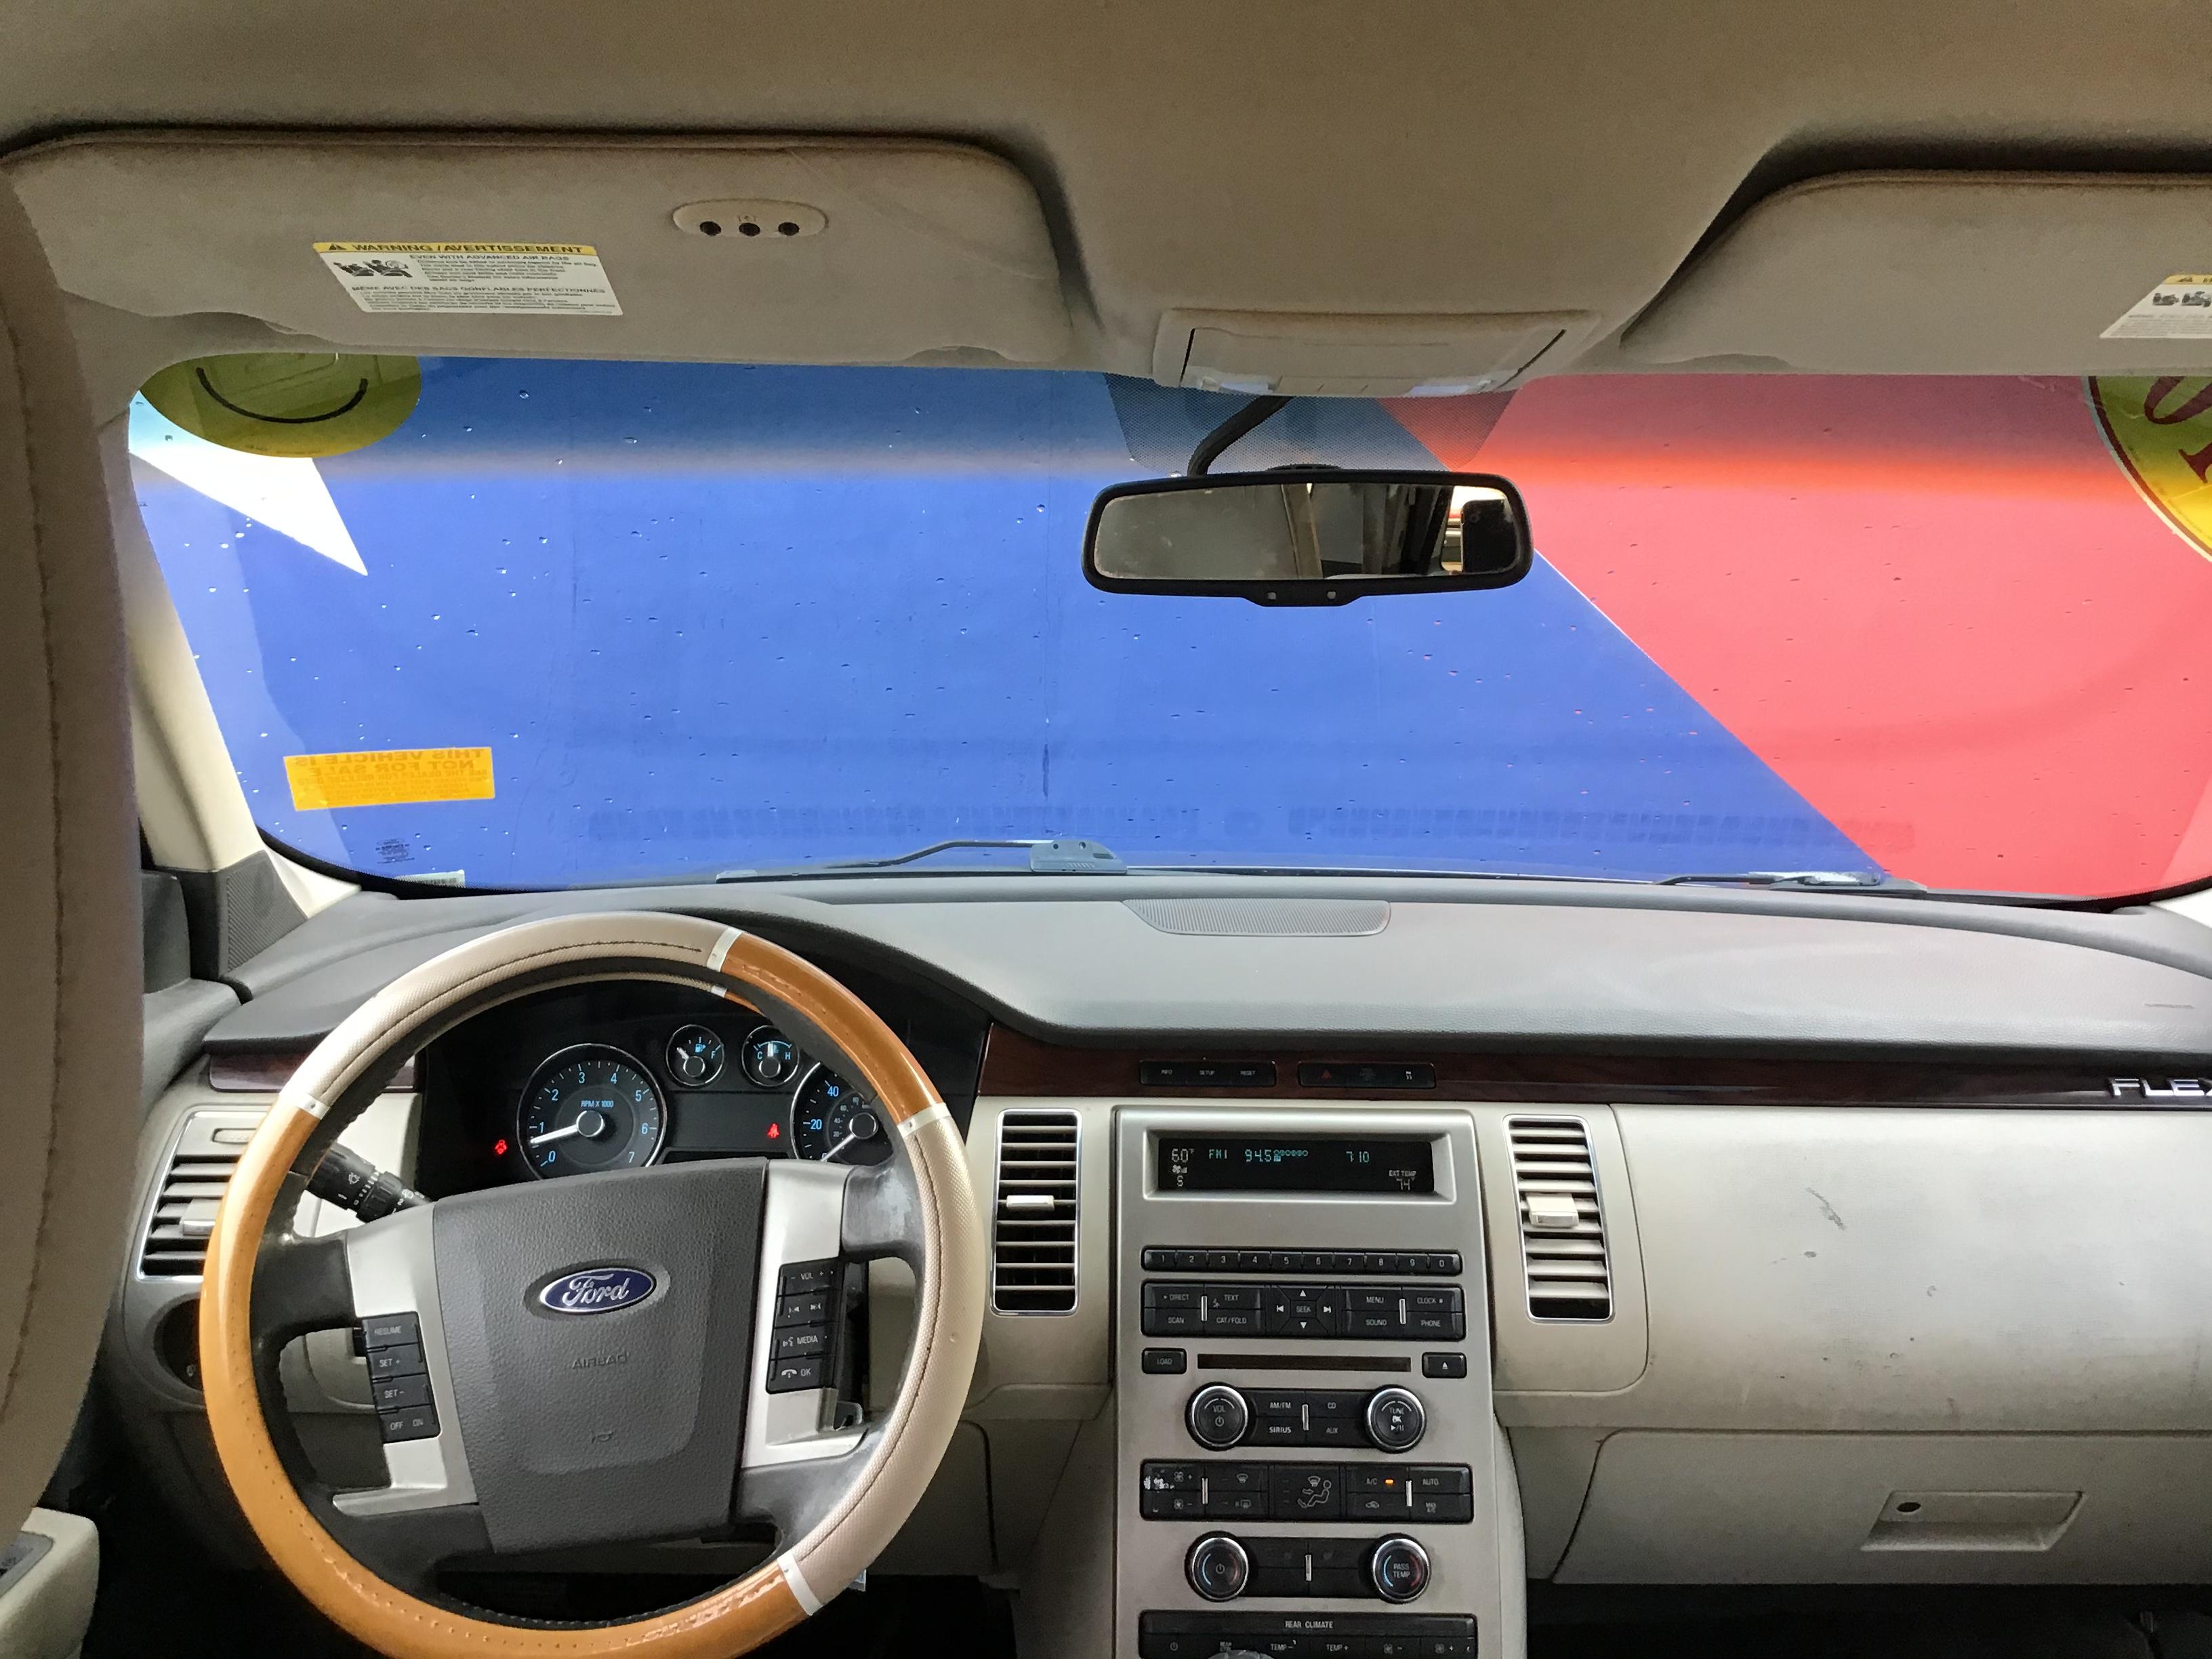 used vehicle - 4 DOOR WAGON FORD FLEX 2010